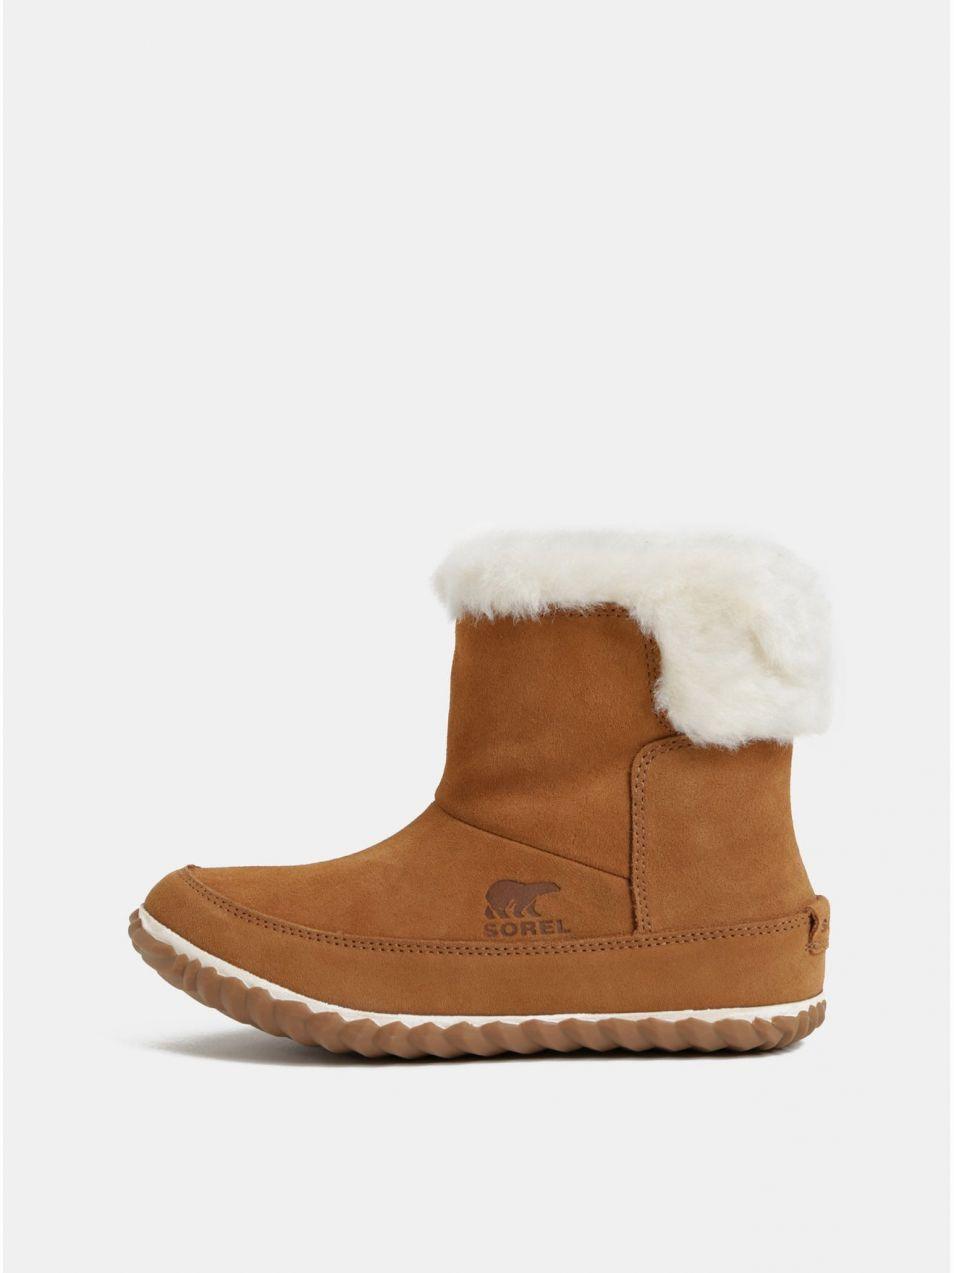 Hnedé dámske semišové zimné členkové topánky s vnútornou umelou kožušinkou  SOREL OUT N ABOUT 7b612d224cc